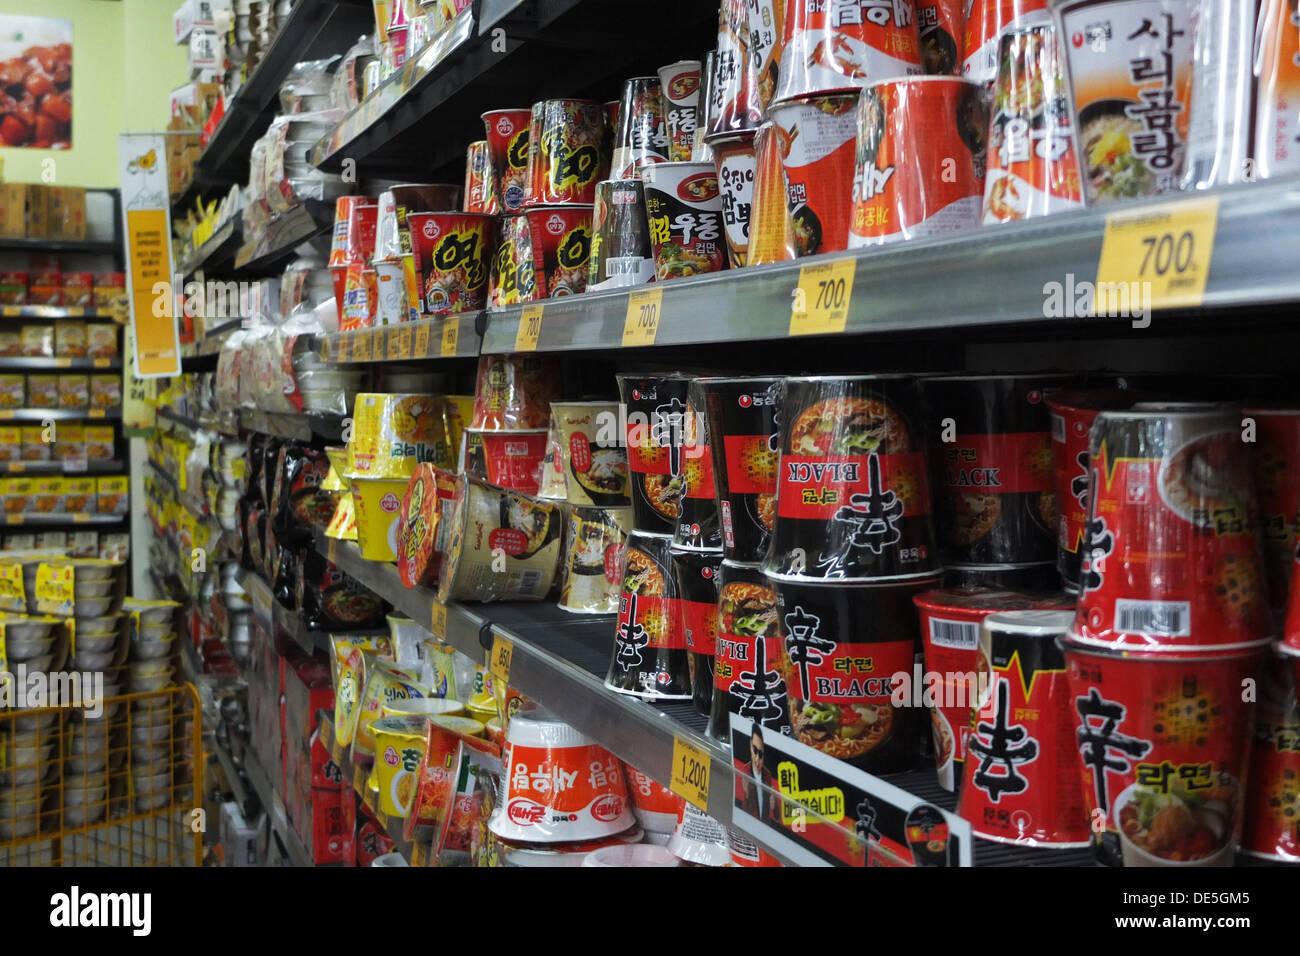 Corea del Sur: ramen (fideos) en hipermercado en Seúl Foto de stock